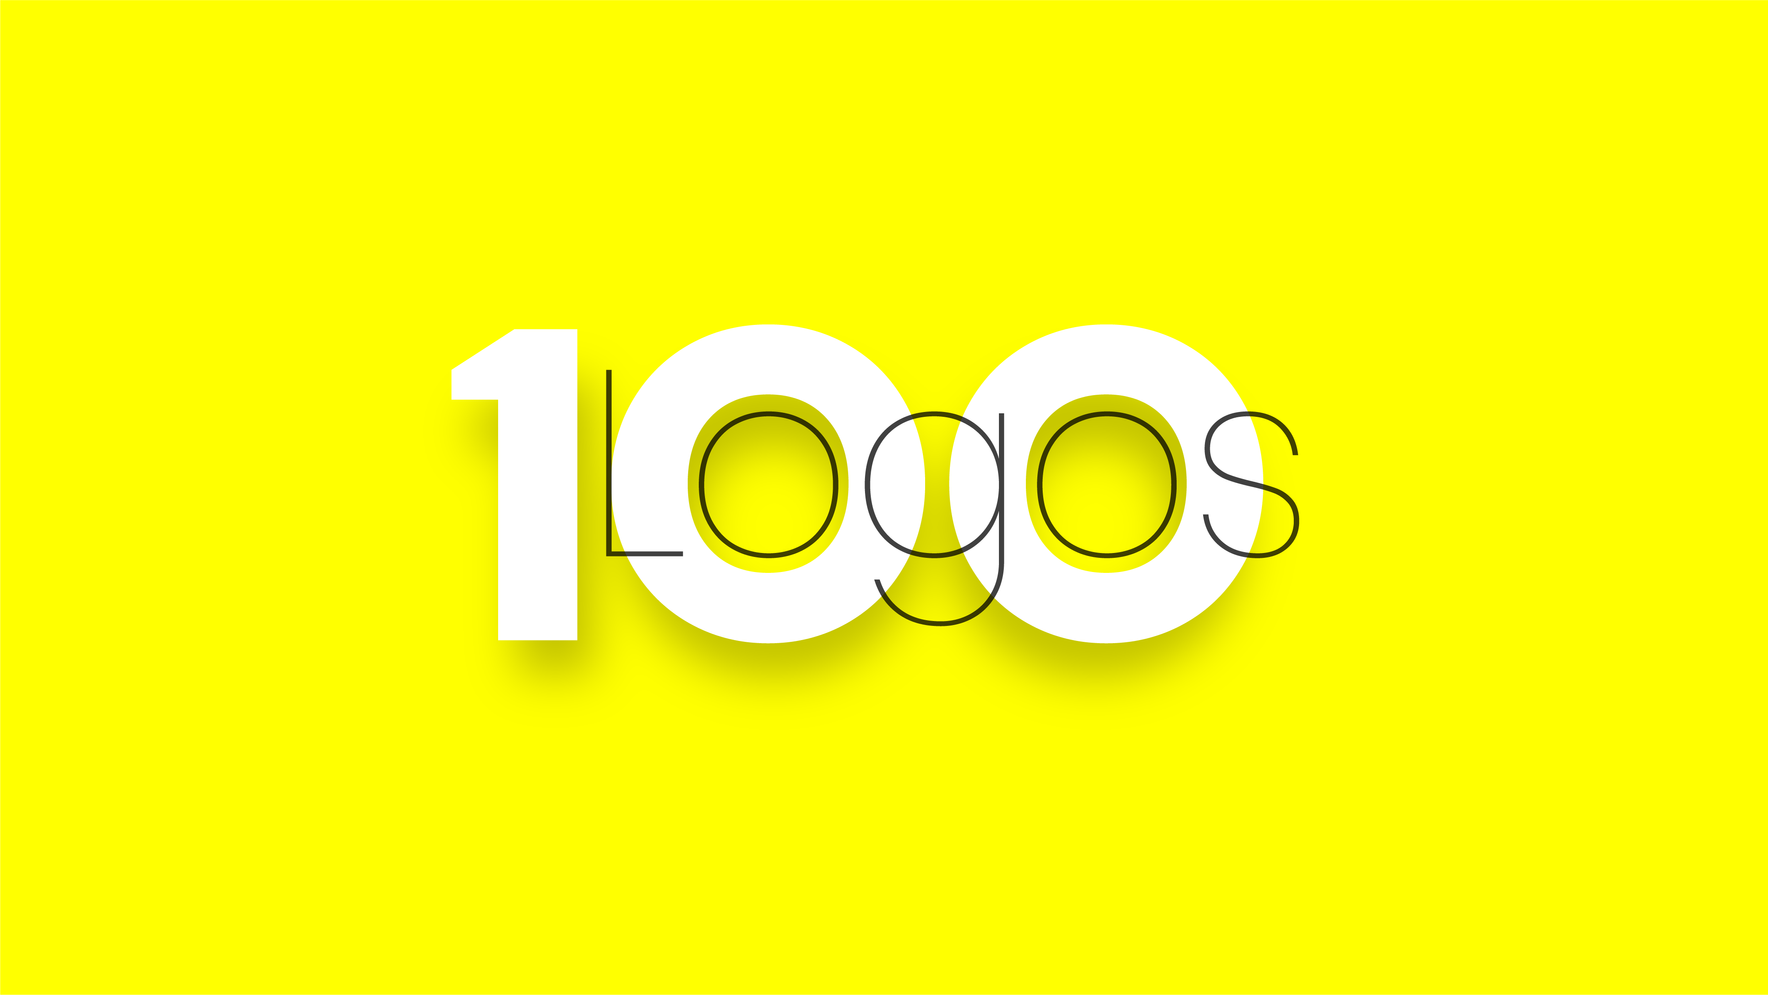 100 Logos y contando...